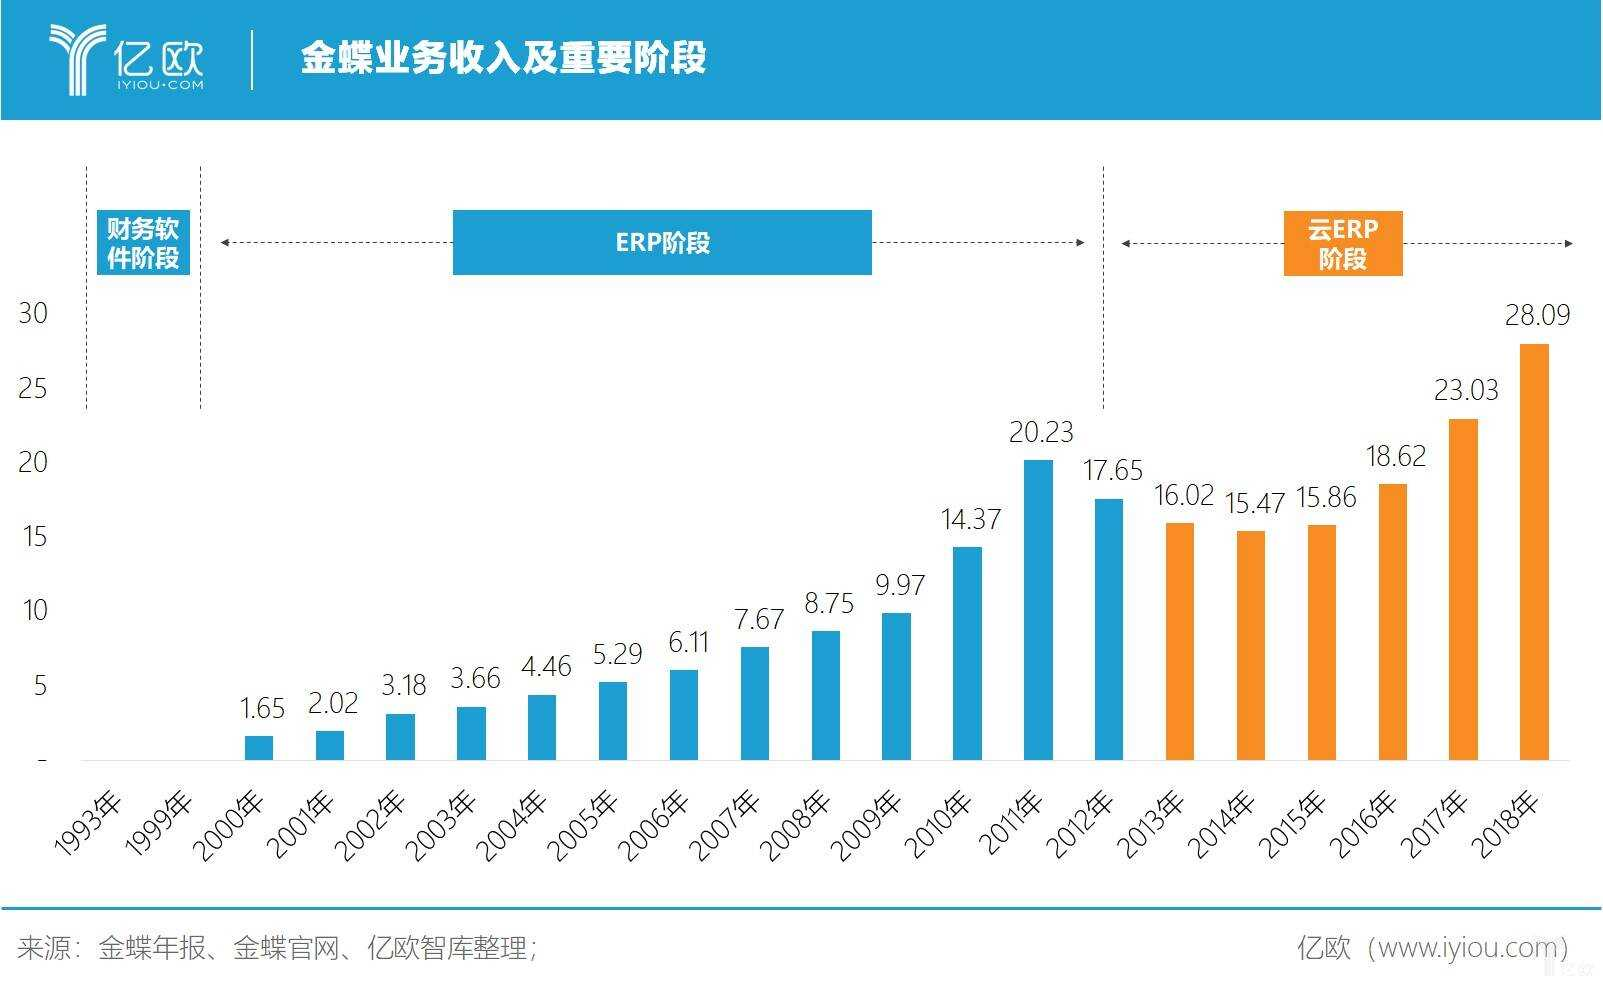 亿欧智库:金蝶业务收入及重要阶段